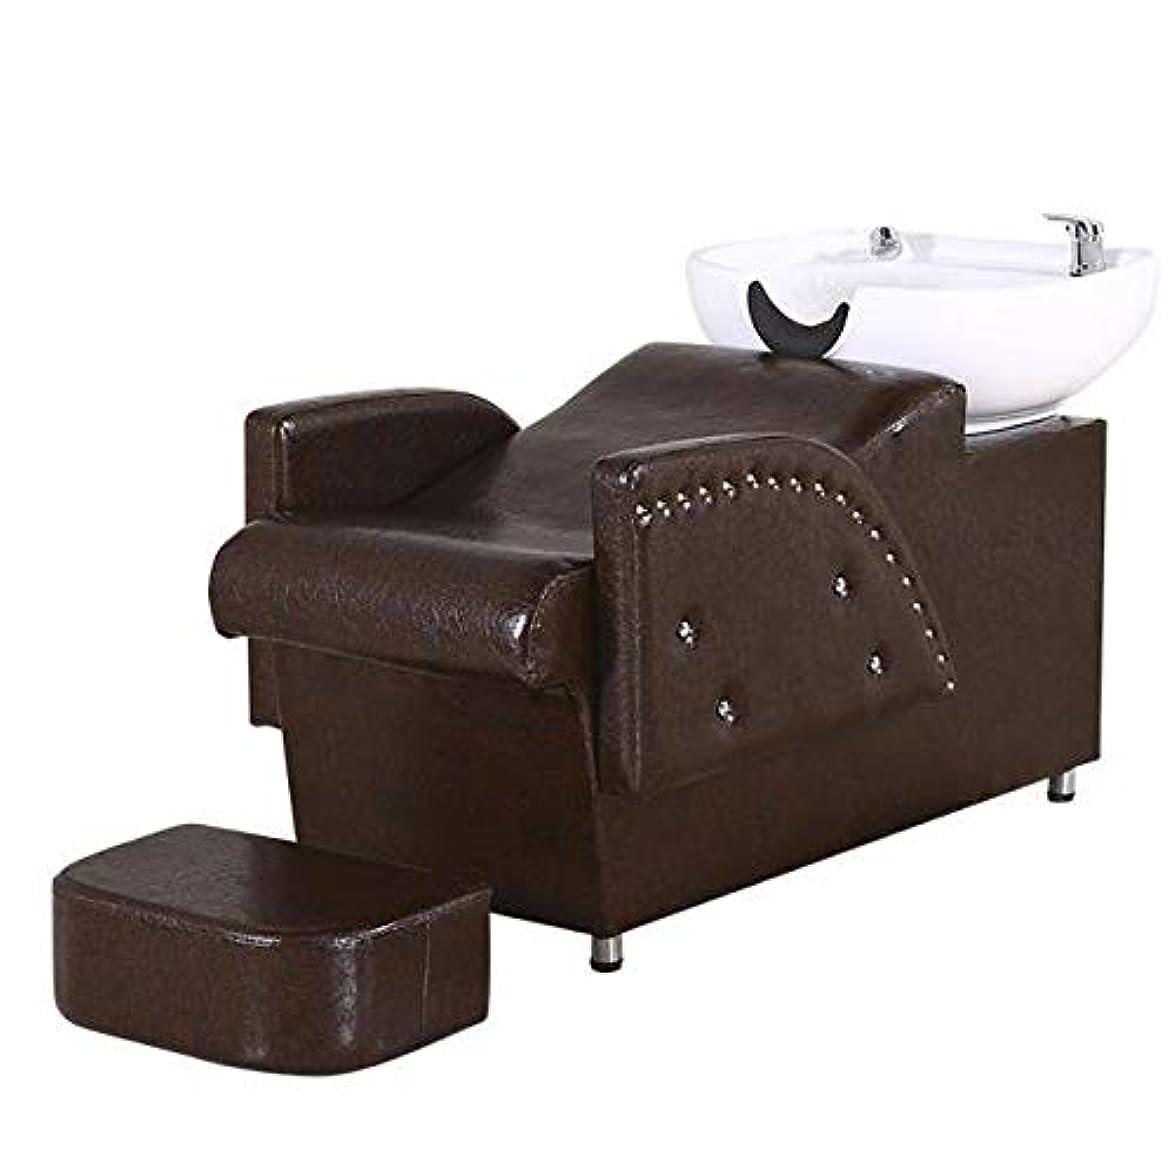 モンスター独占すぐにシャンプー椅子、逆洗ユニットシャンプーボウル理髪シンク椅子スパ美容院機器半横臥シャンプーベッド